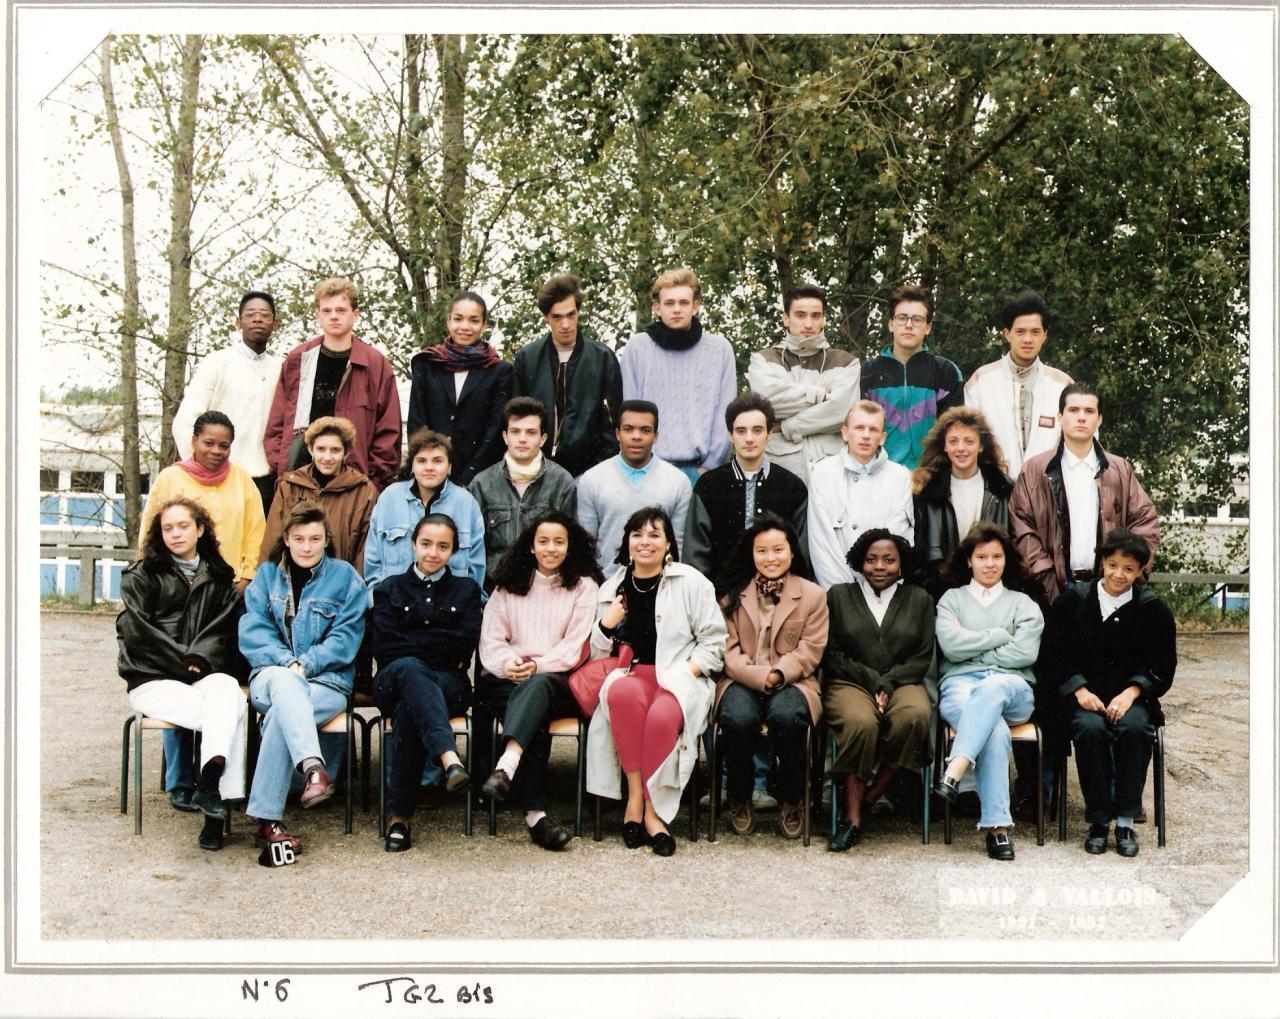 1992 - TG2Bis